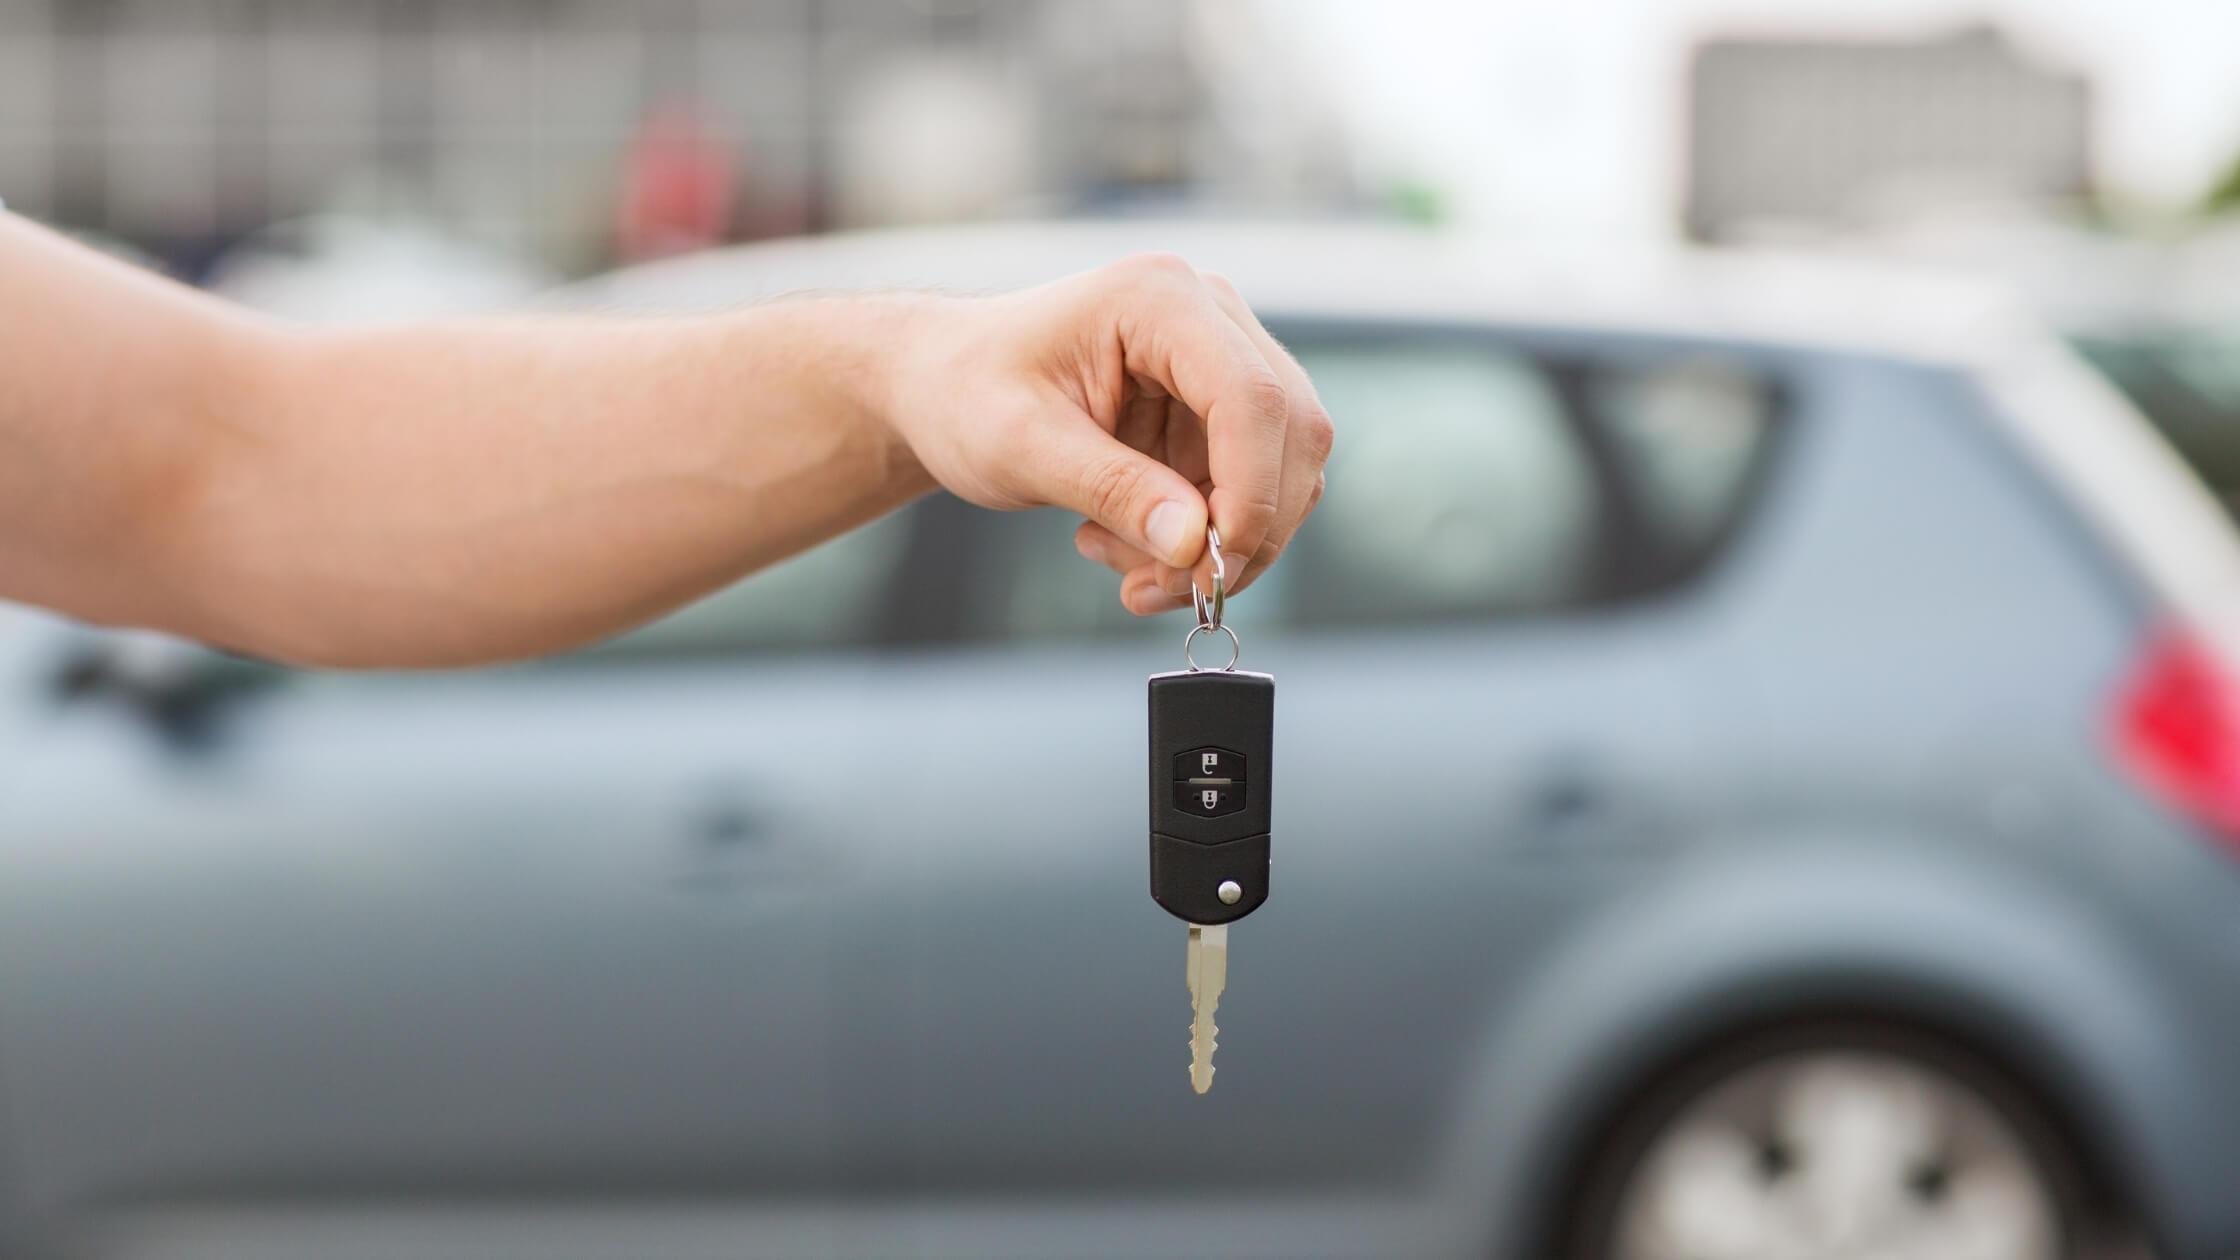 Zakelijke auto leasen als zzp'er